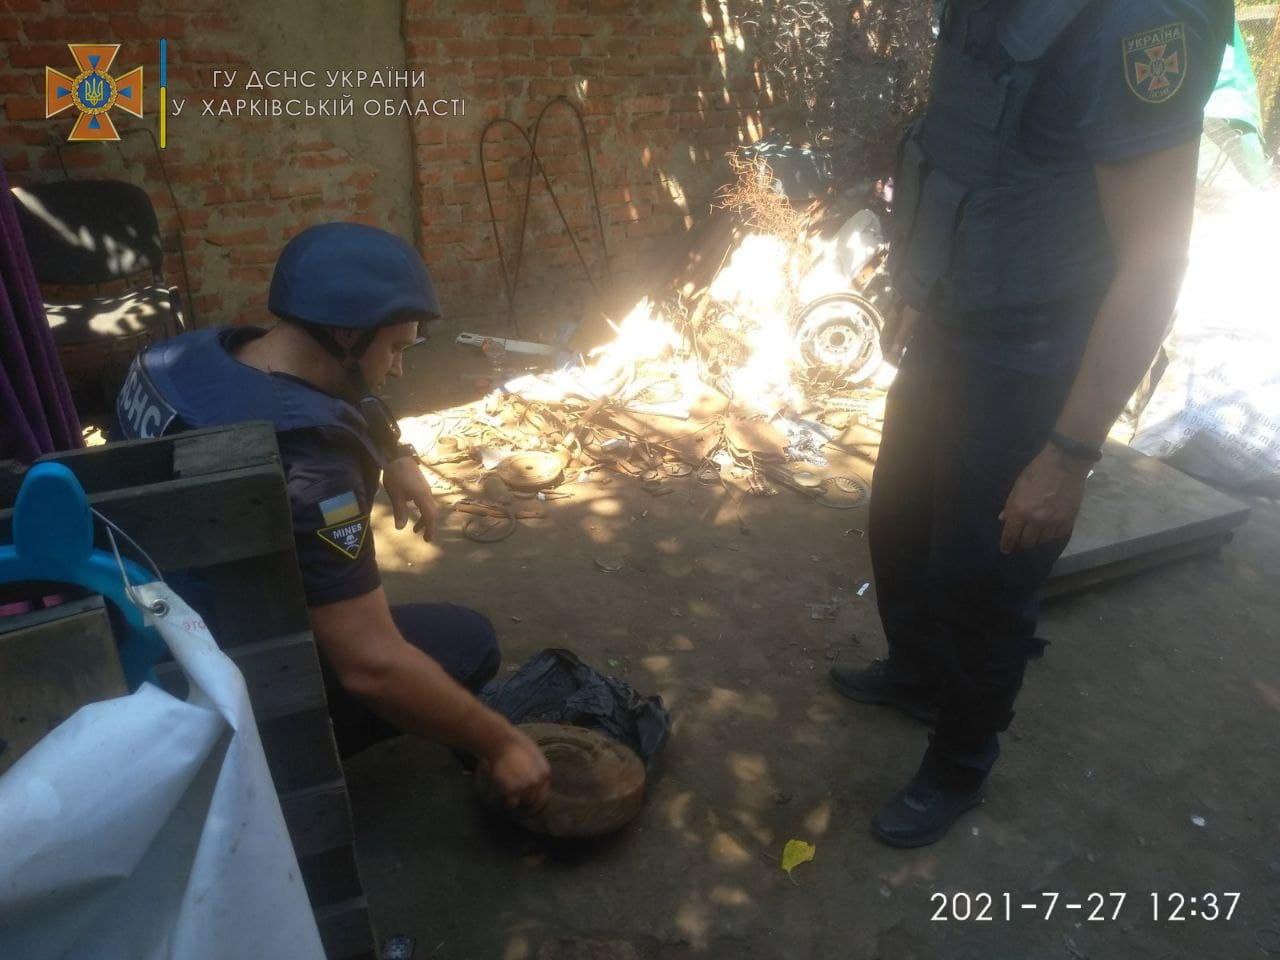 Харьковчане хотели сдать в пункт приема вторсырья противотанковую мину (фото)